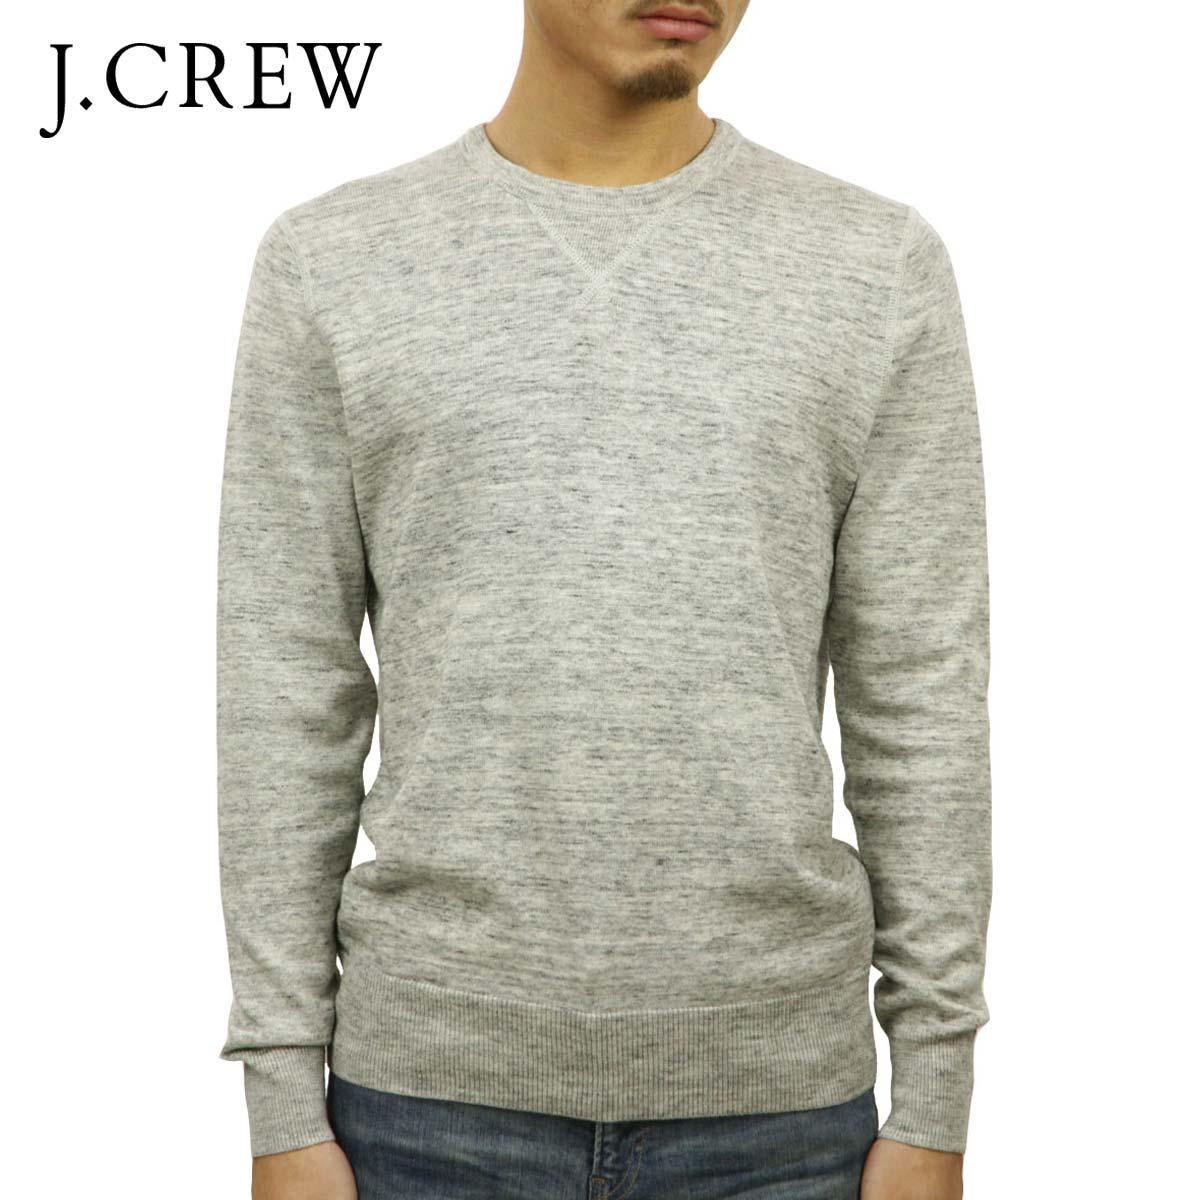 ジェイクルー J.CREW 正規品 メンズ セーター HEATHERED SWEATSHIRT SWEATER GREY D20S30